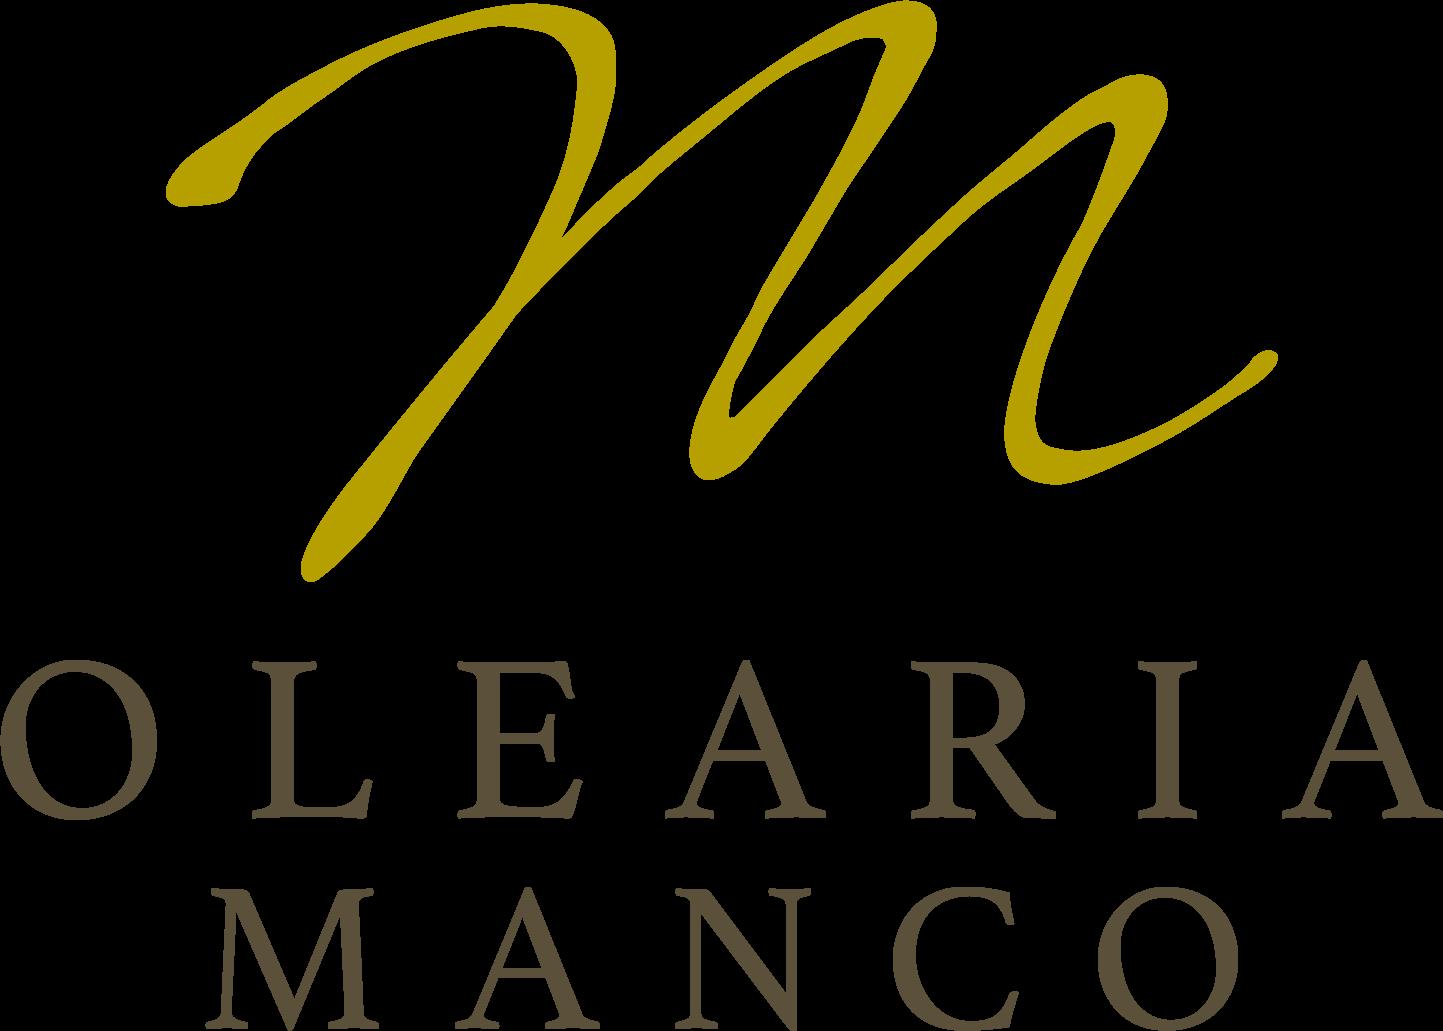 olearia_manco_logo